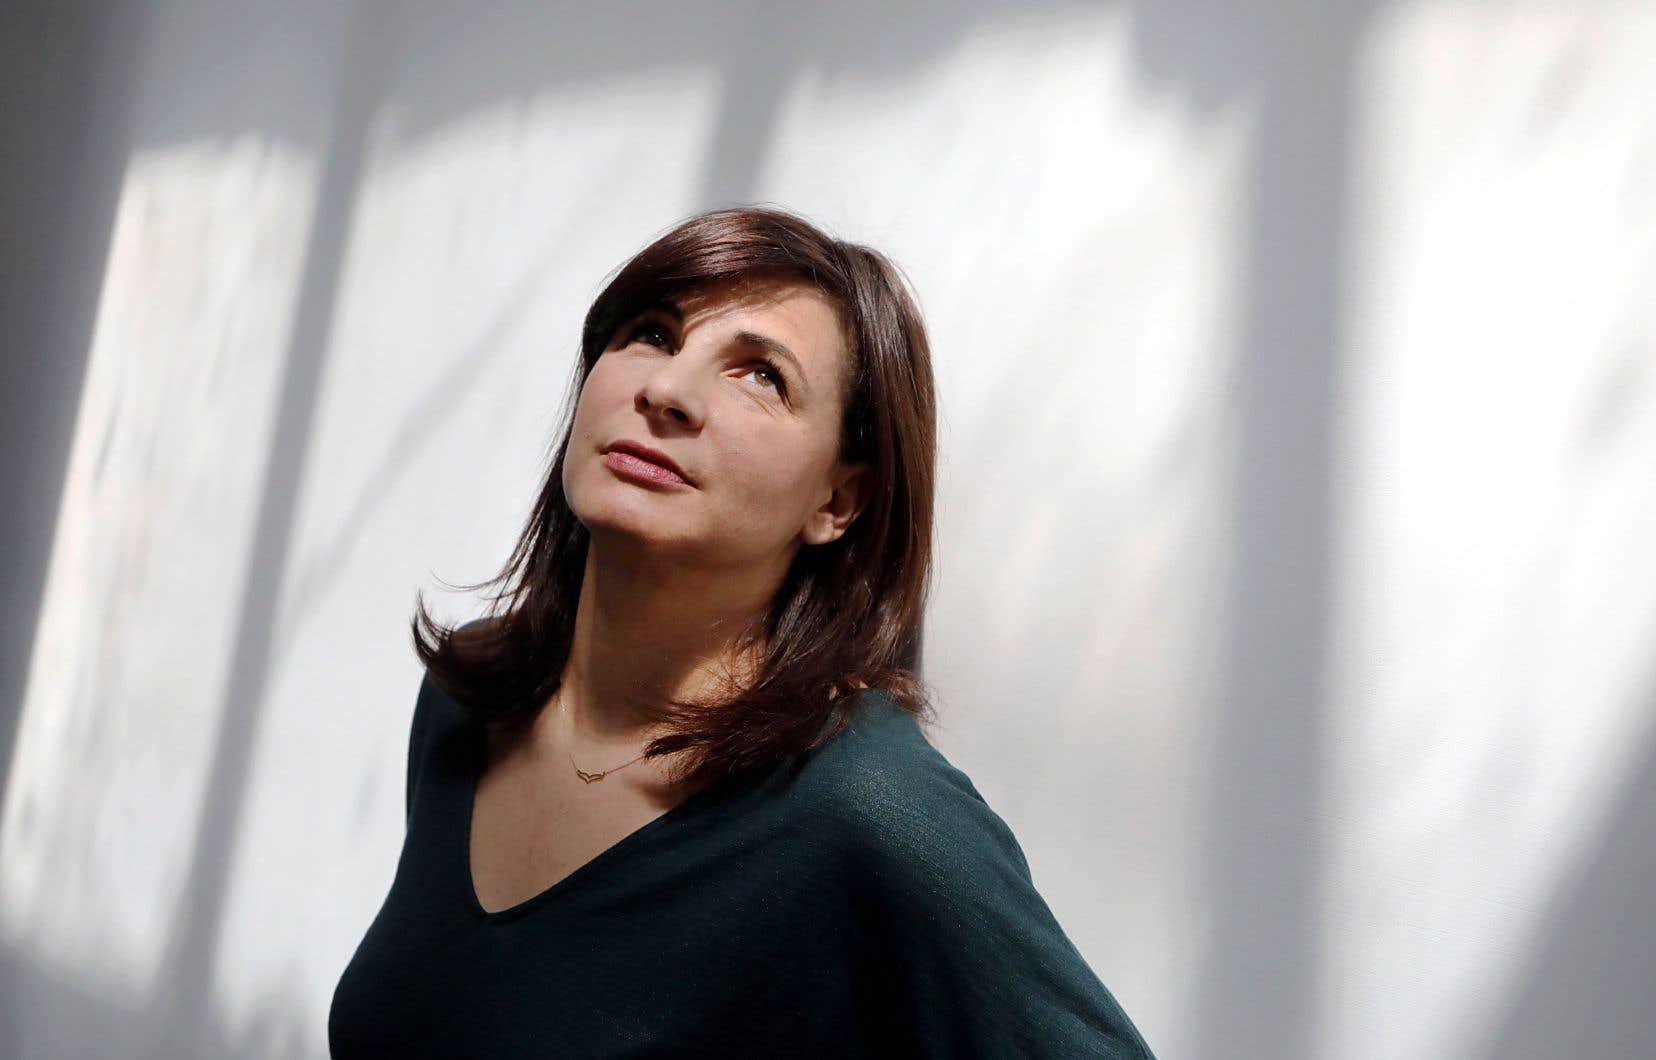 «La pire chose que je remarque en Italie, c'est le manque d'espoir chez les jeunes», se désole la réalisatrice Annarita Zambrano.